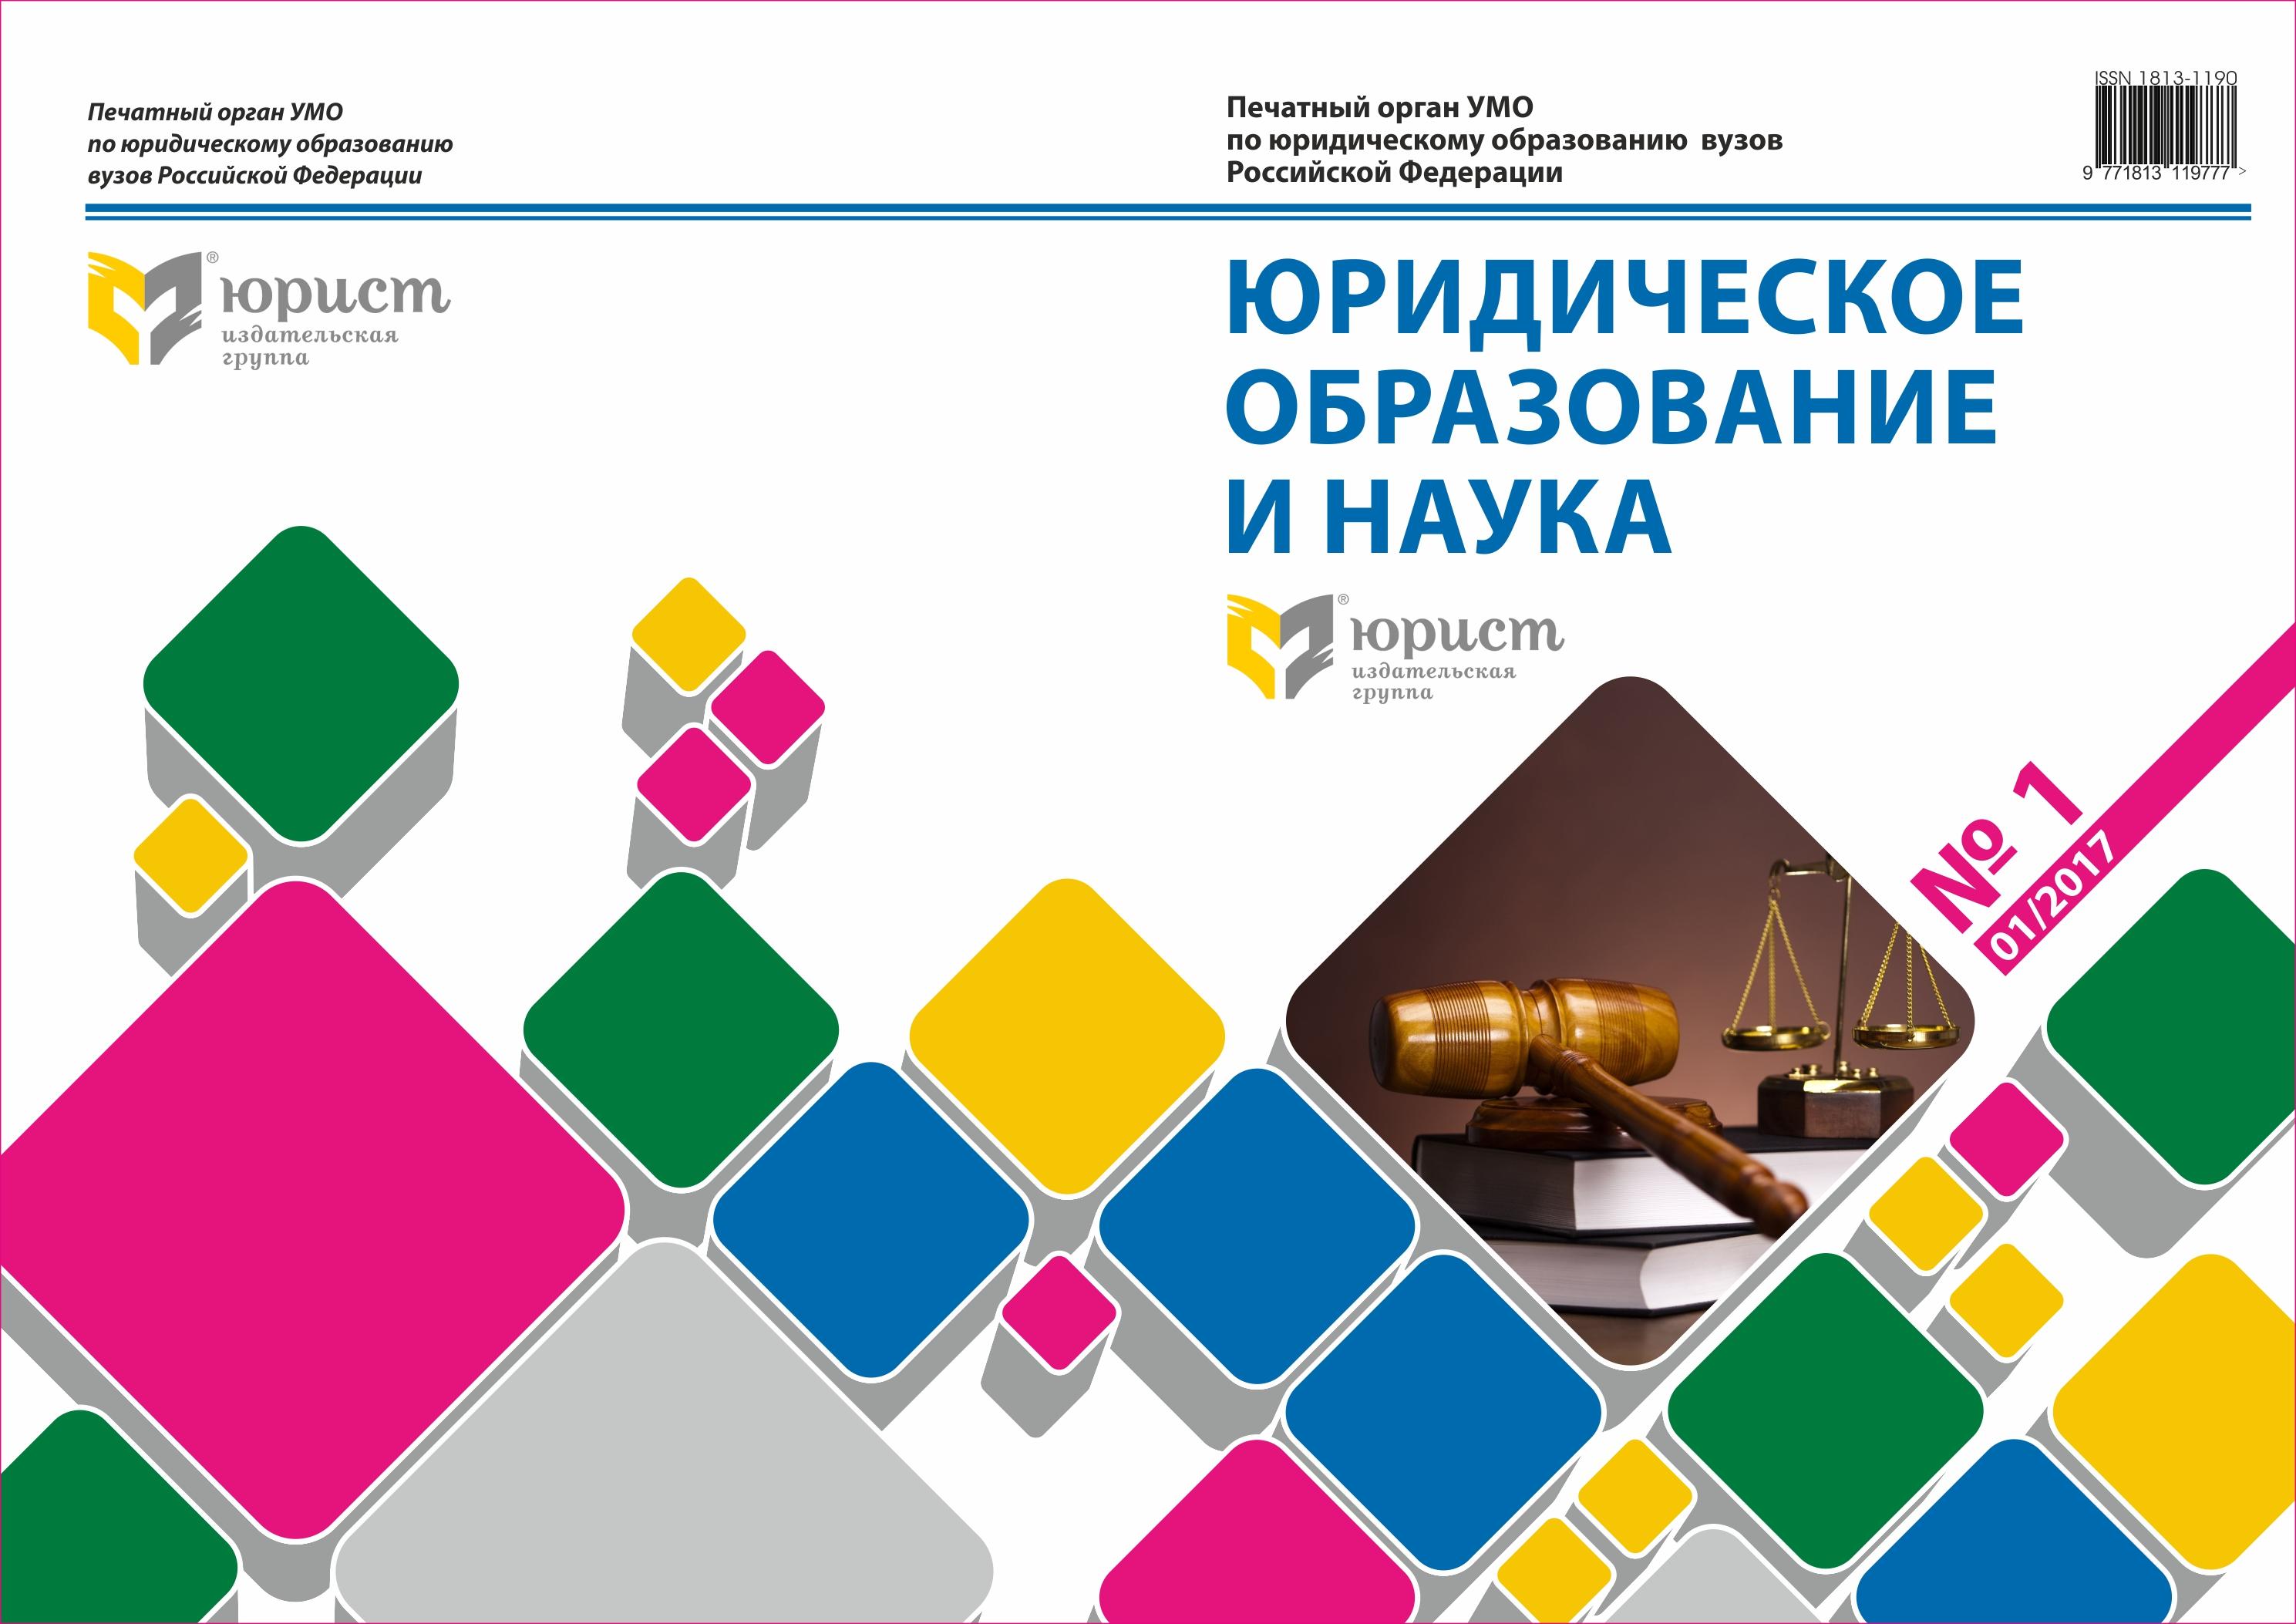 """Конкурс """"Юридическое образование и наука"""" фото f_336586cc62aa3988.jpg"""